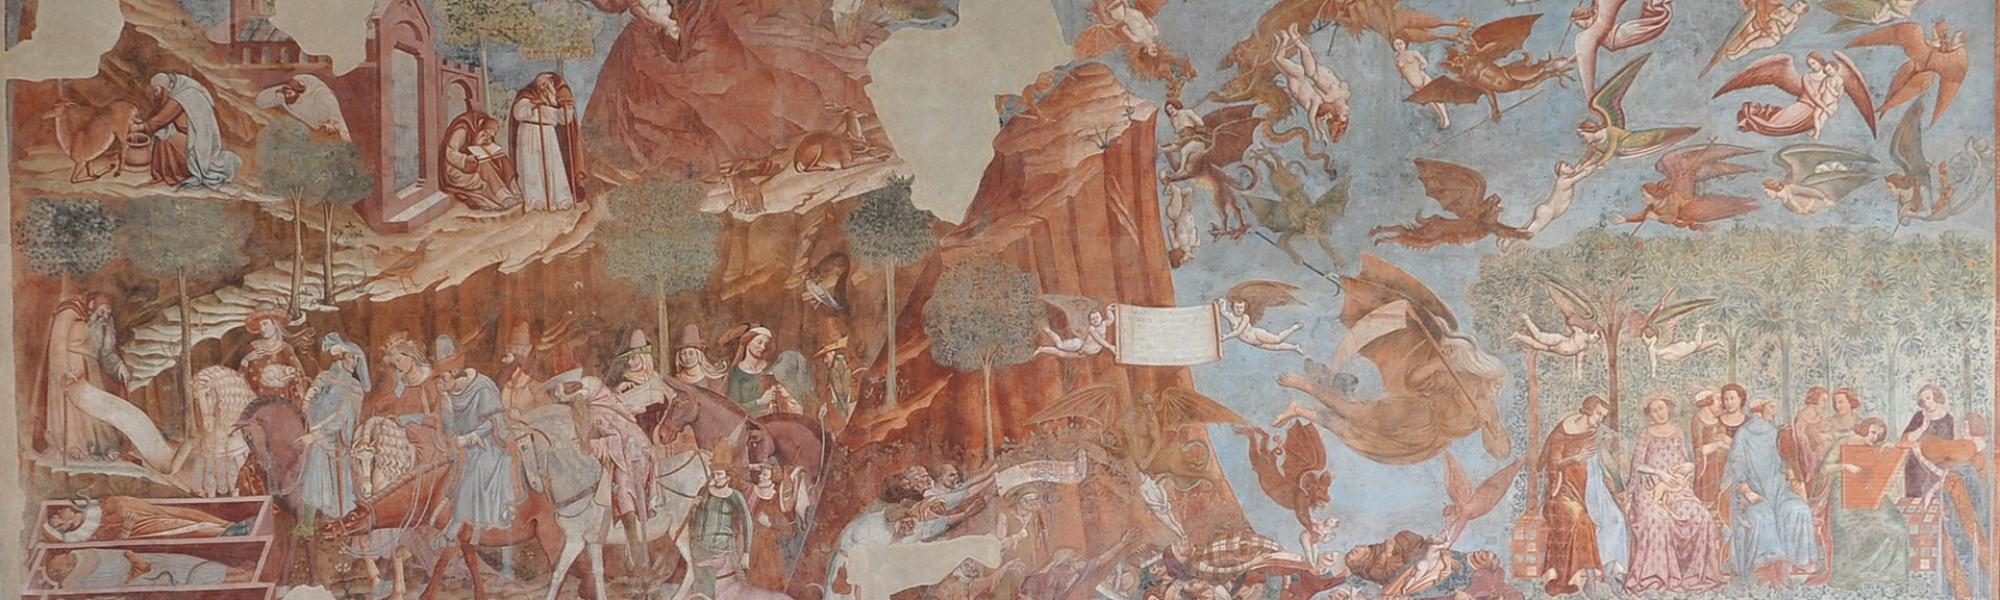 Trionfo della Morte (B. Buffalmacco) - Camposanto monumentale